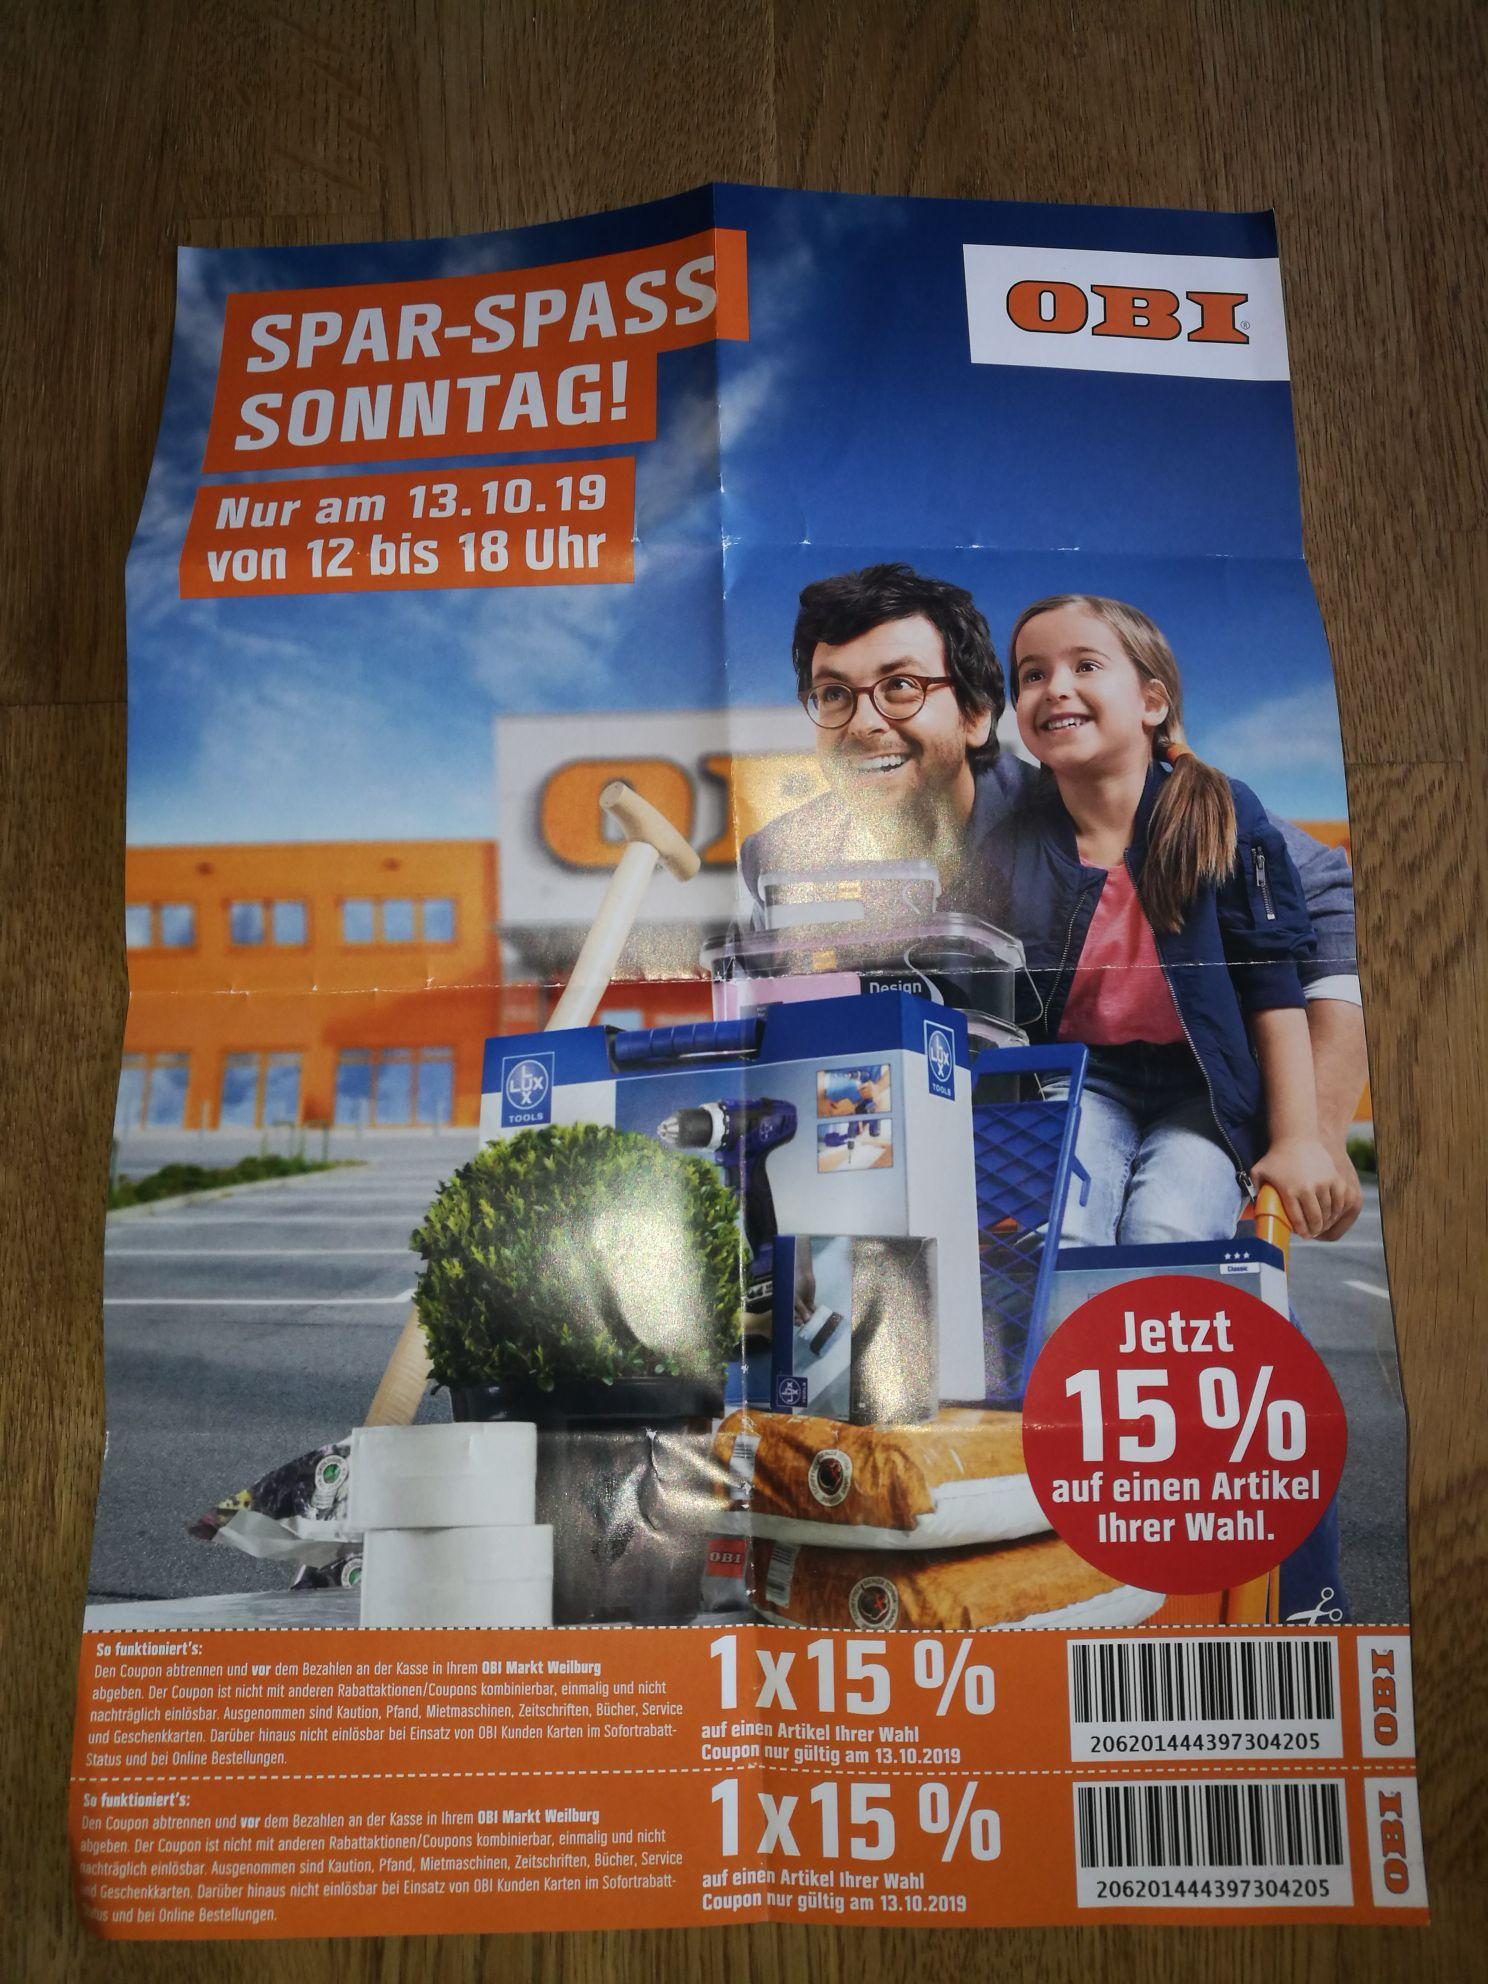 Lokal Weilburg, Obi, am Montag, 14.10. 2 x 15% auf je einen Artikel